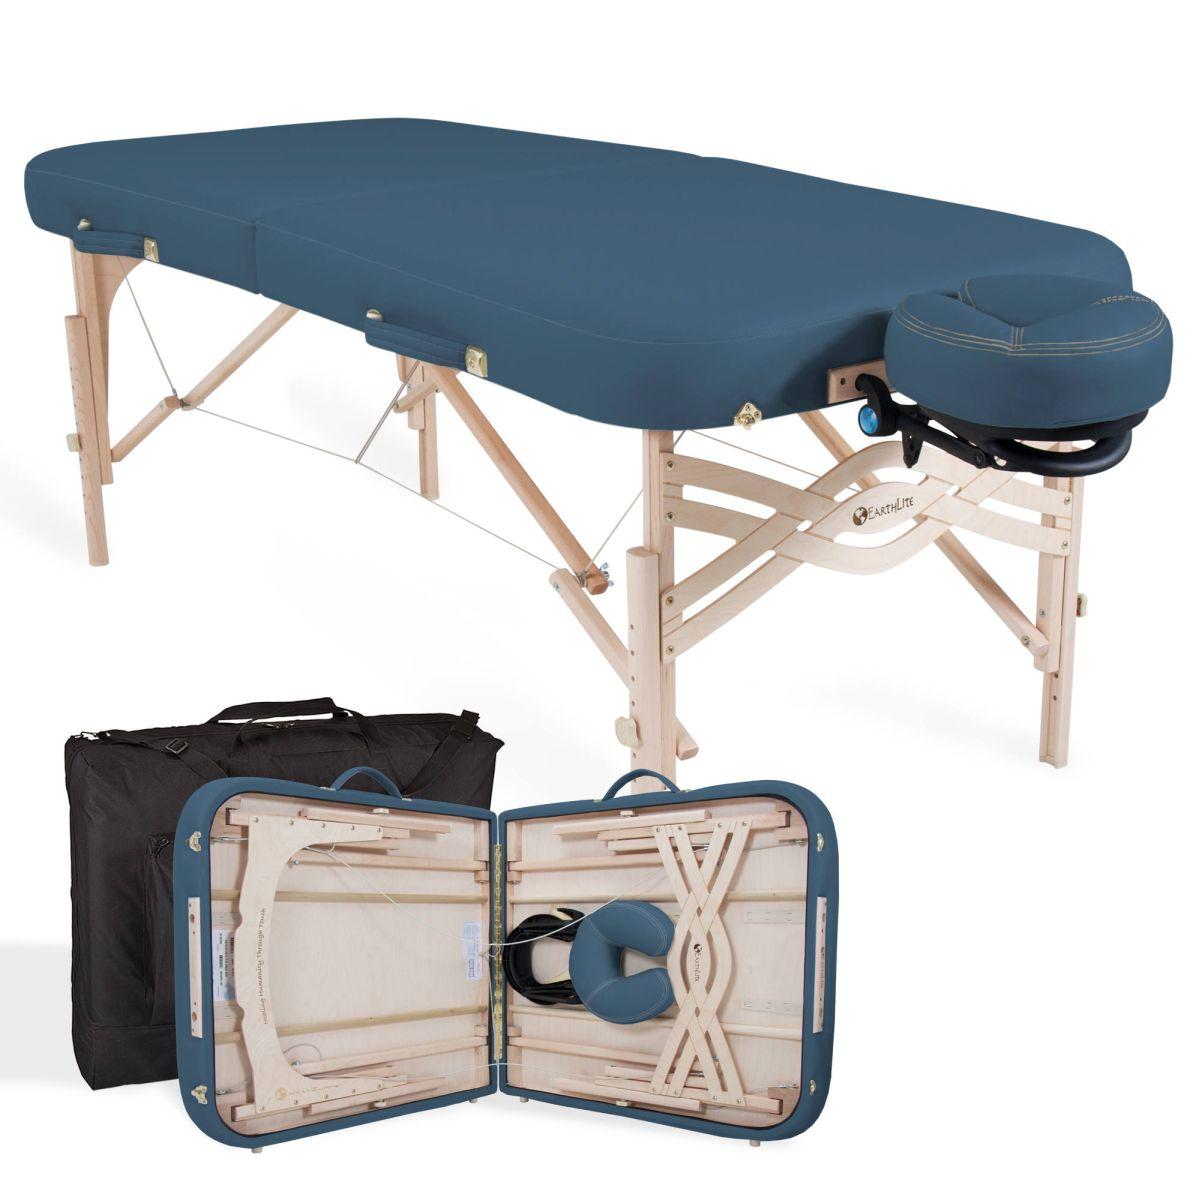 Tragbare Holz Massageliege im Set